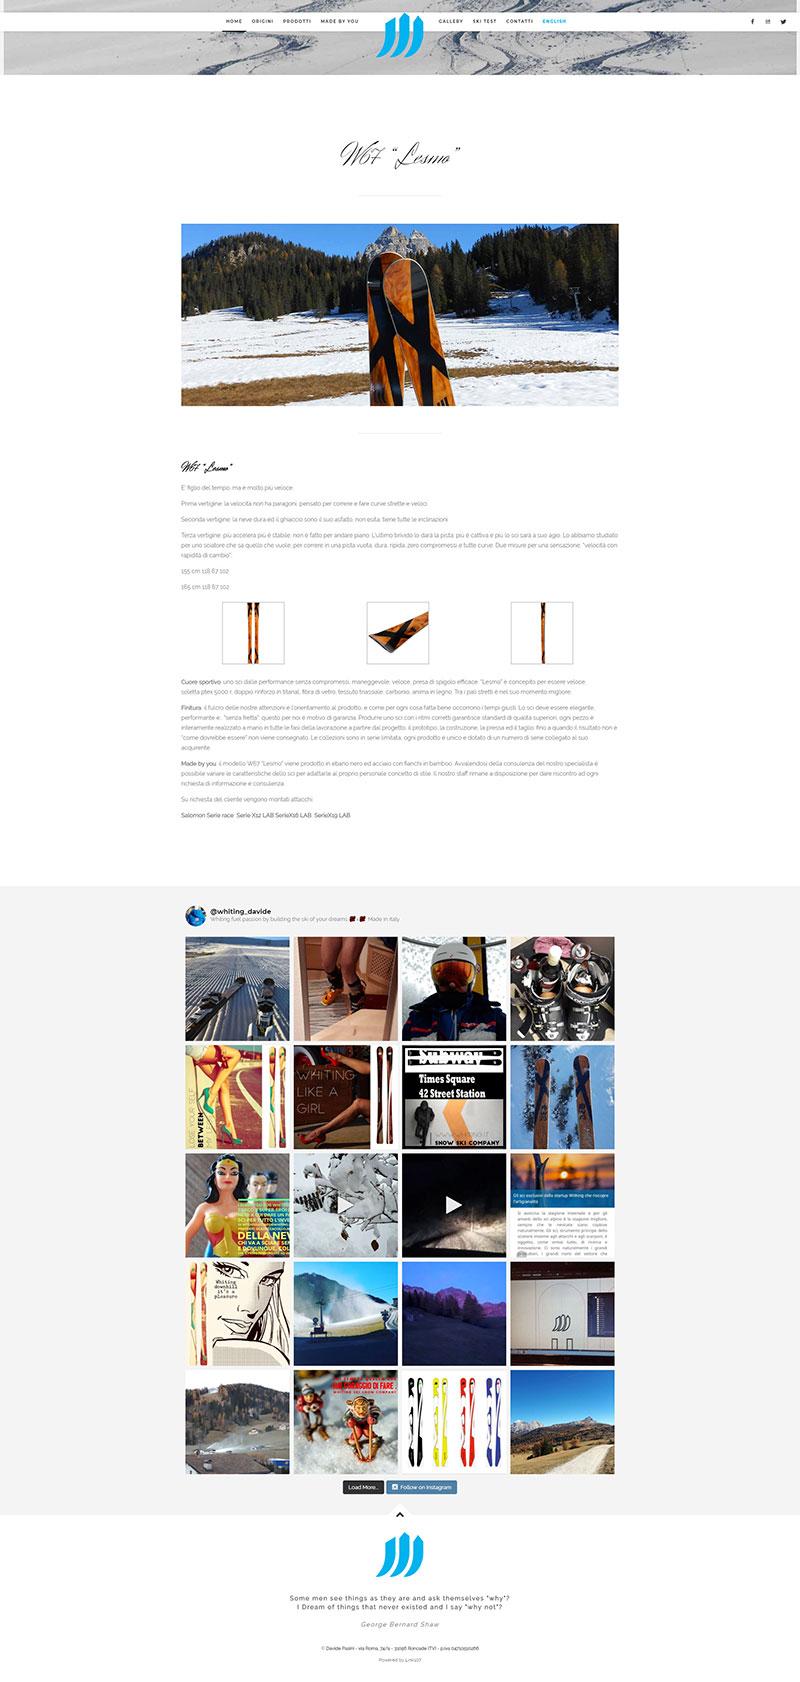 Link107-realizzazione-sito-web-responsive-produzione-sci-whiting